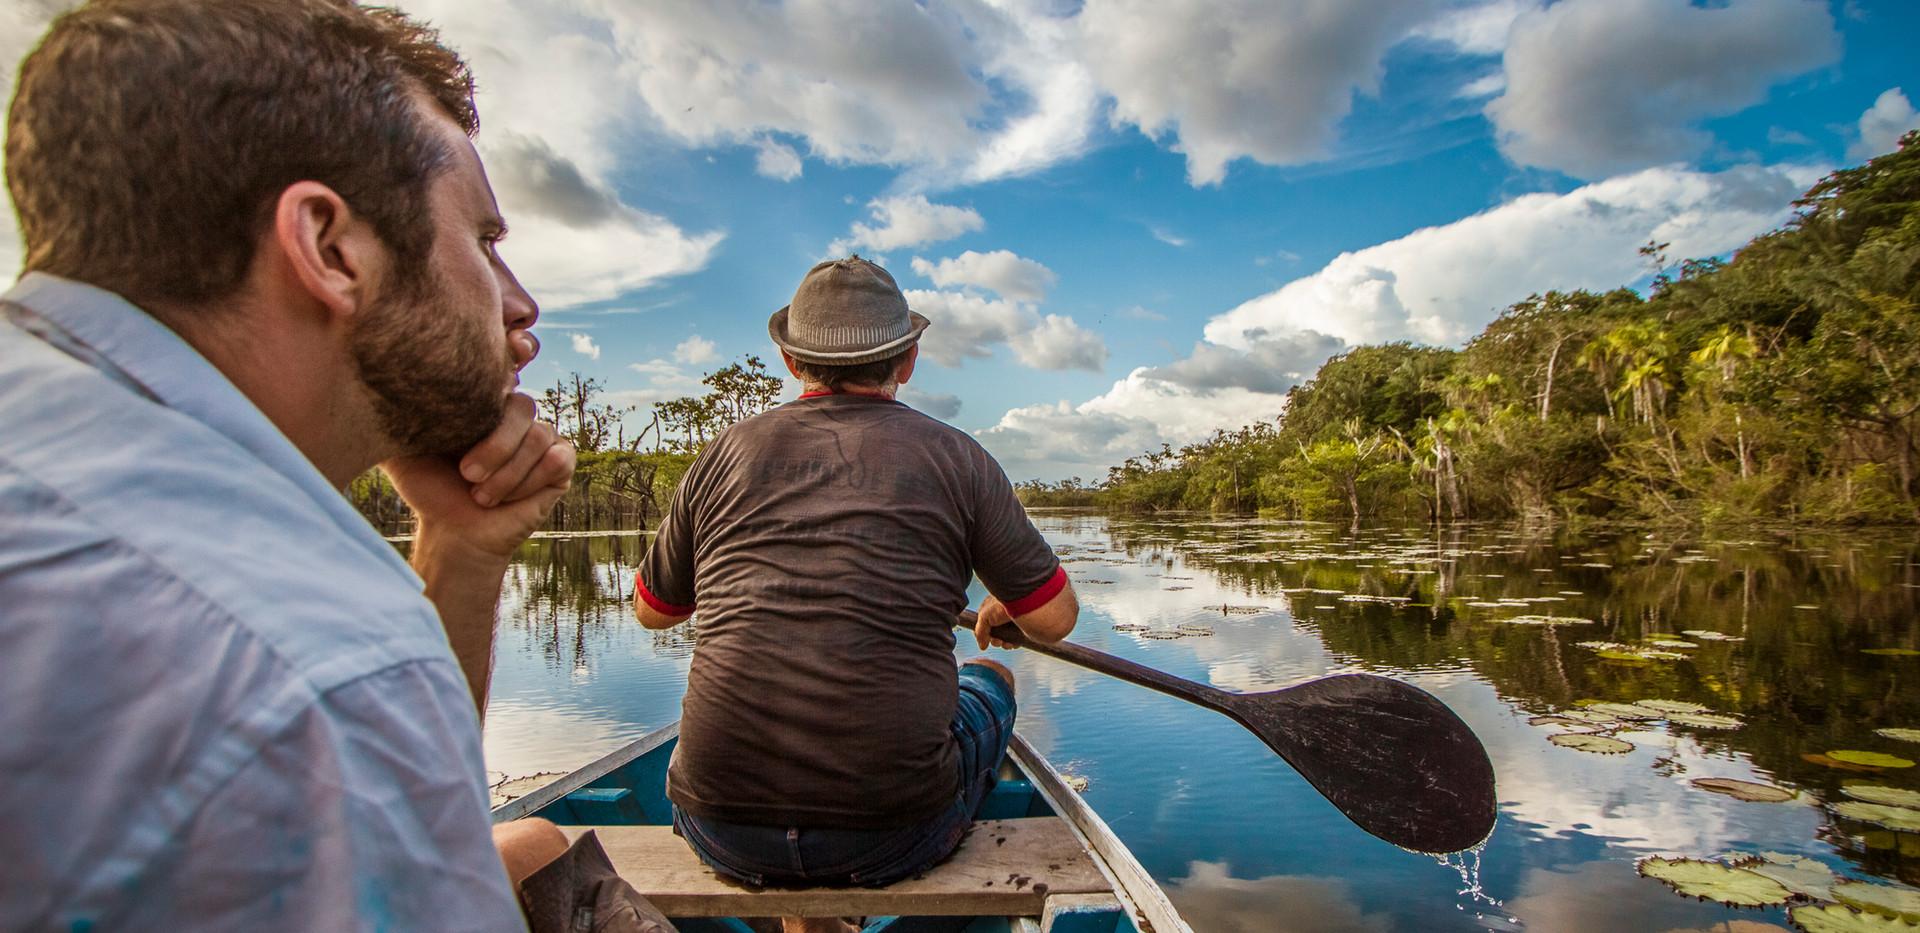 Passeios de canoa por florestas alagadas. Foto de Guilherme Castoldi